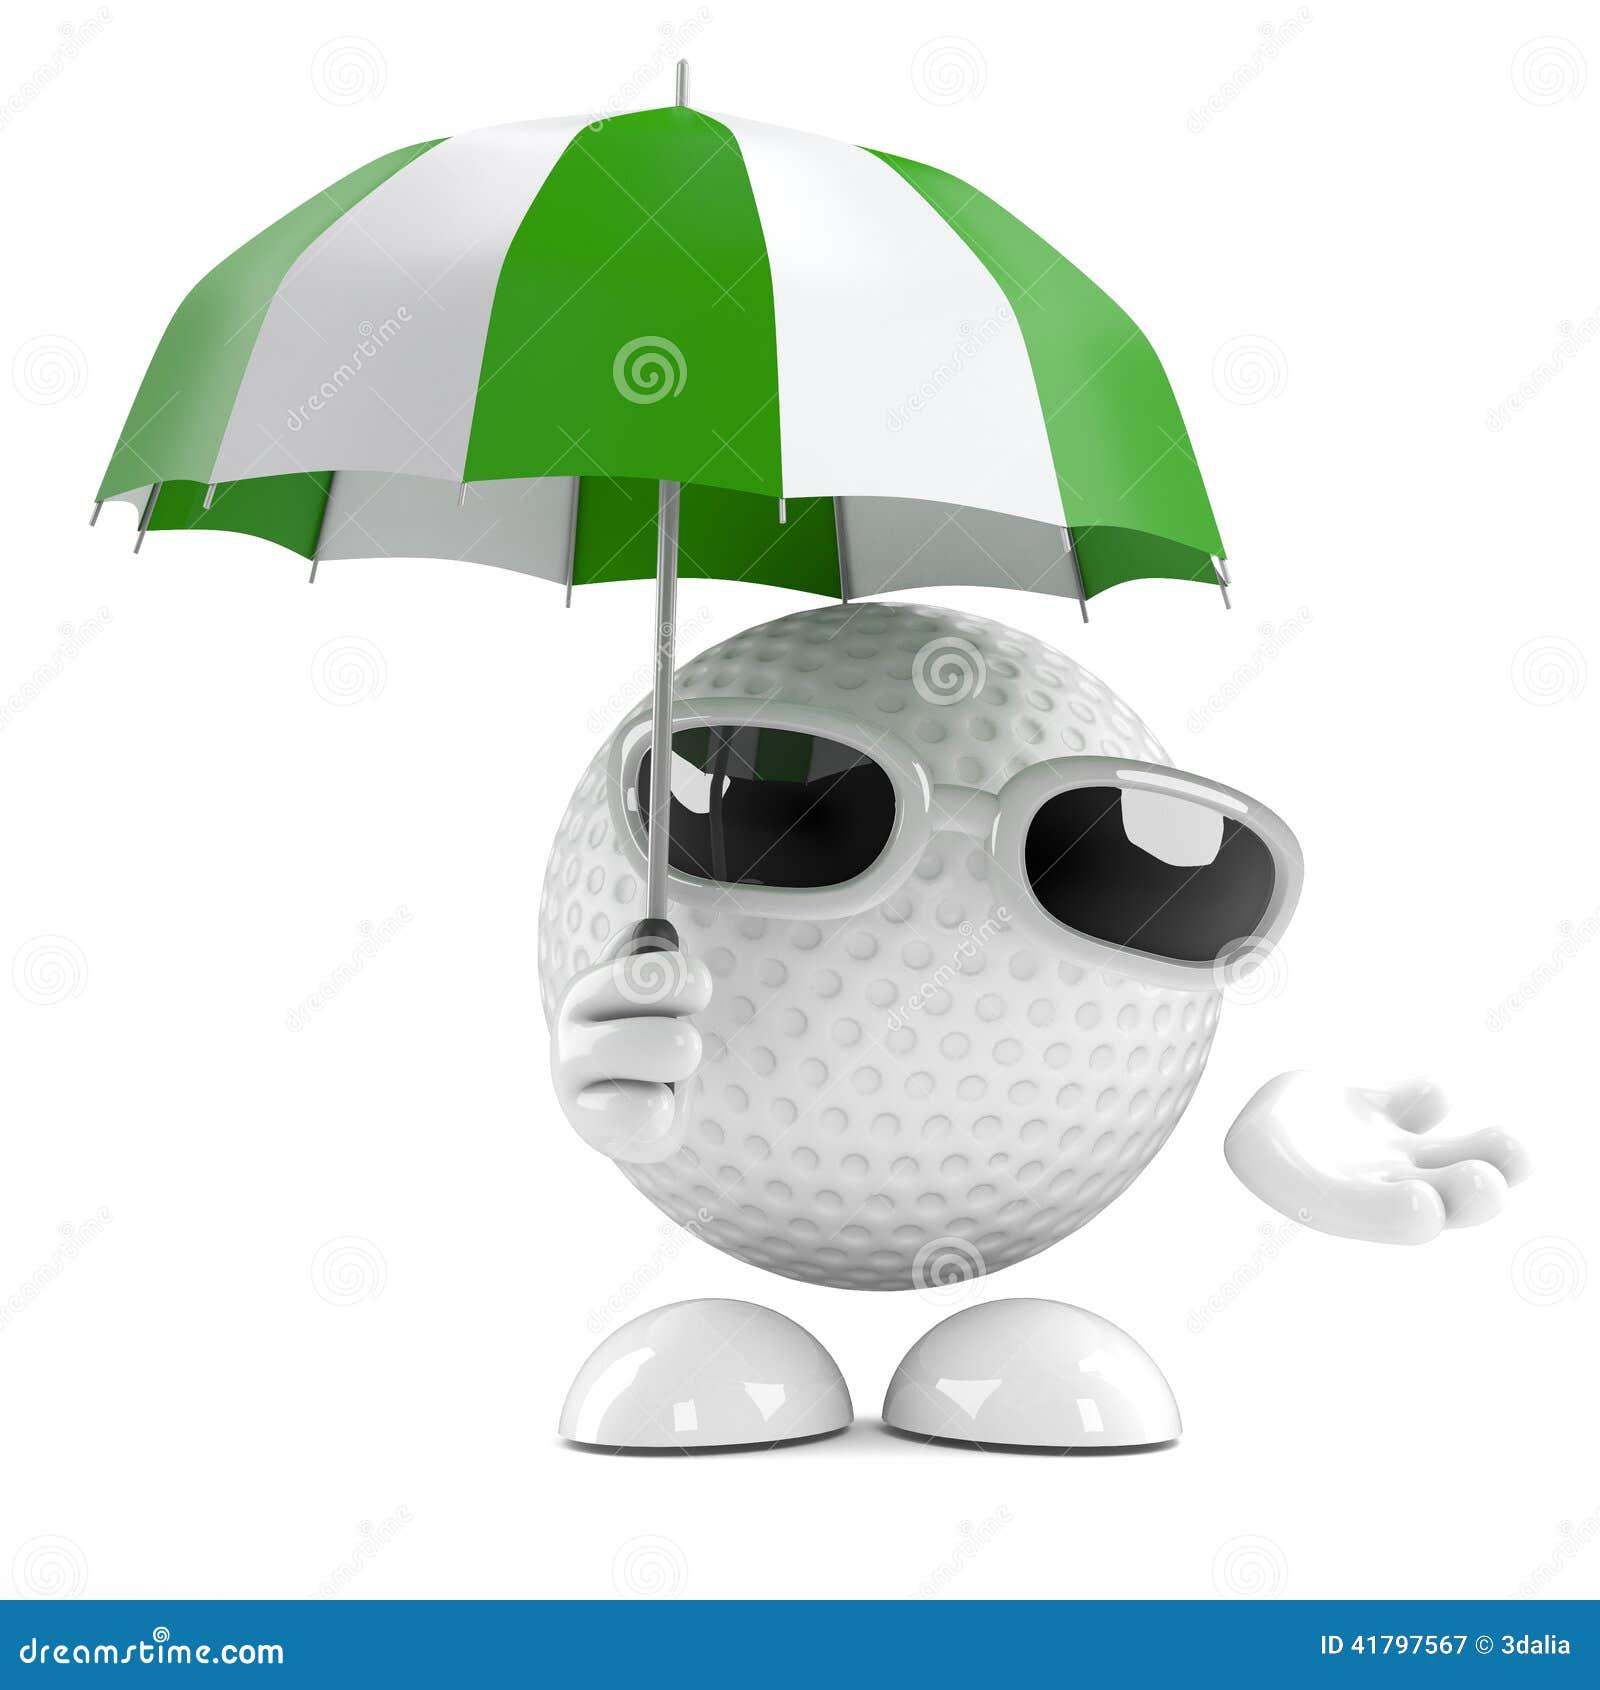 Bola De Golfe 3d Sob O Guarda-chuva Ilustração Stock - Ilustração de ... 902d4eab4a6